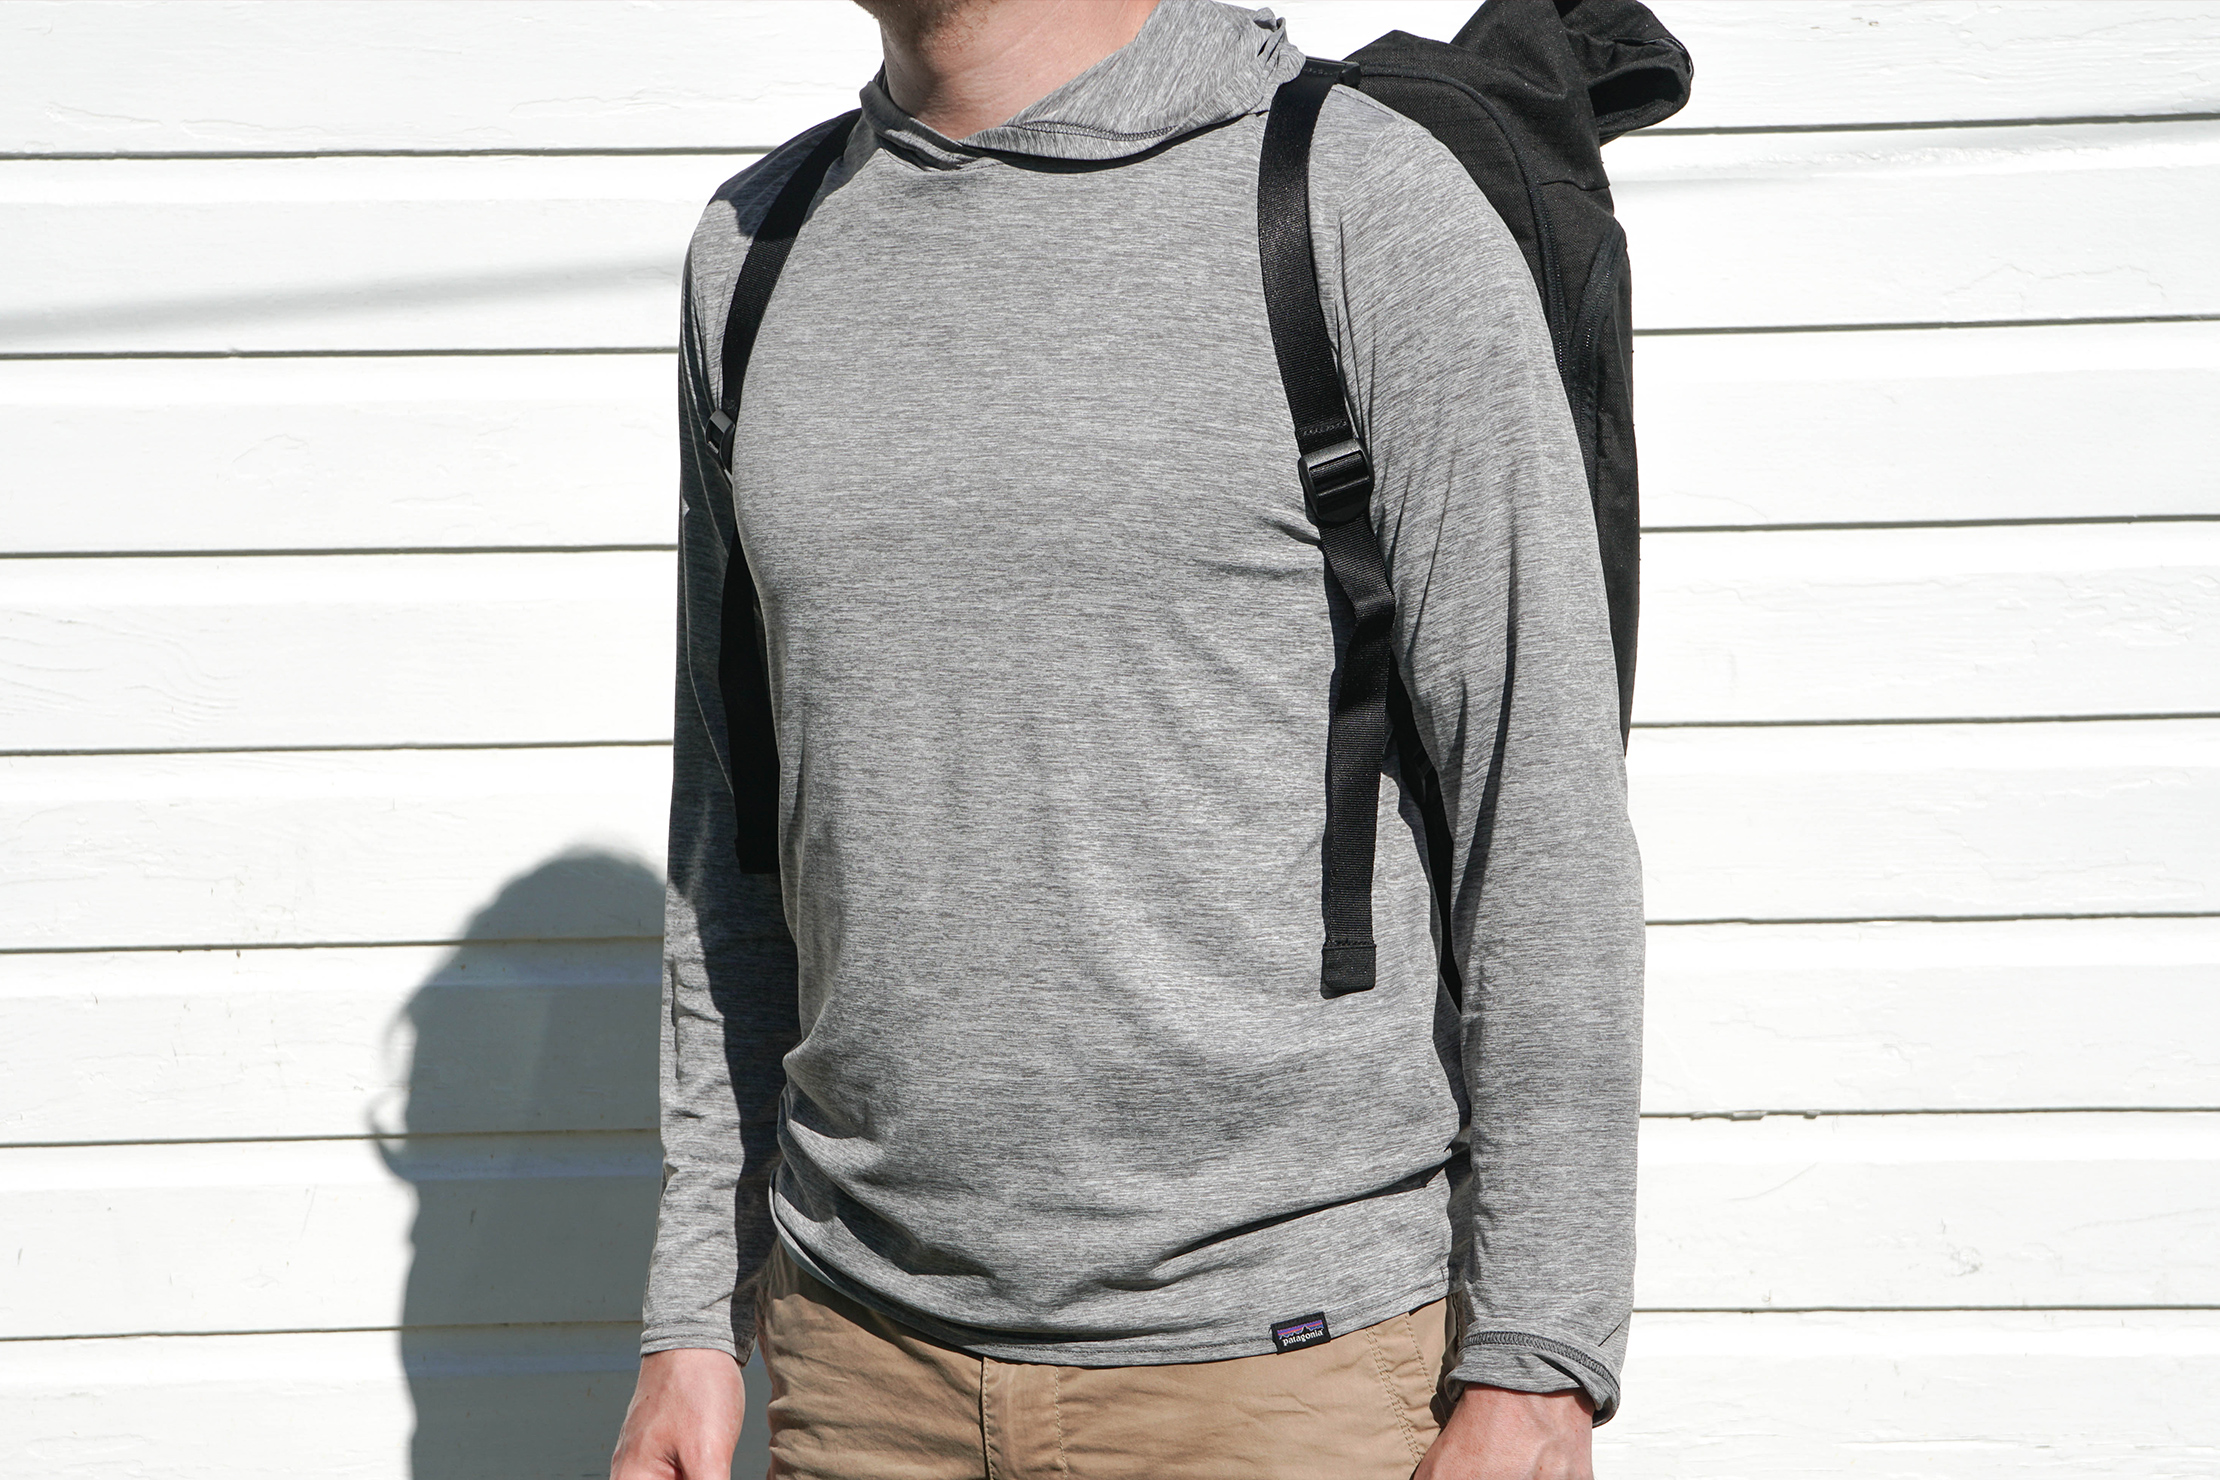 WAYKS ONE Nylon Backpack Straps